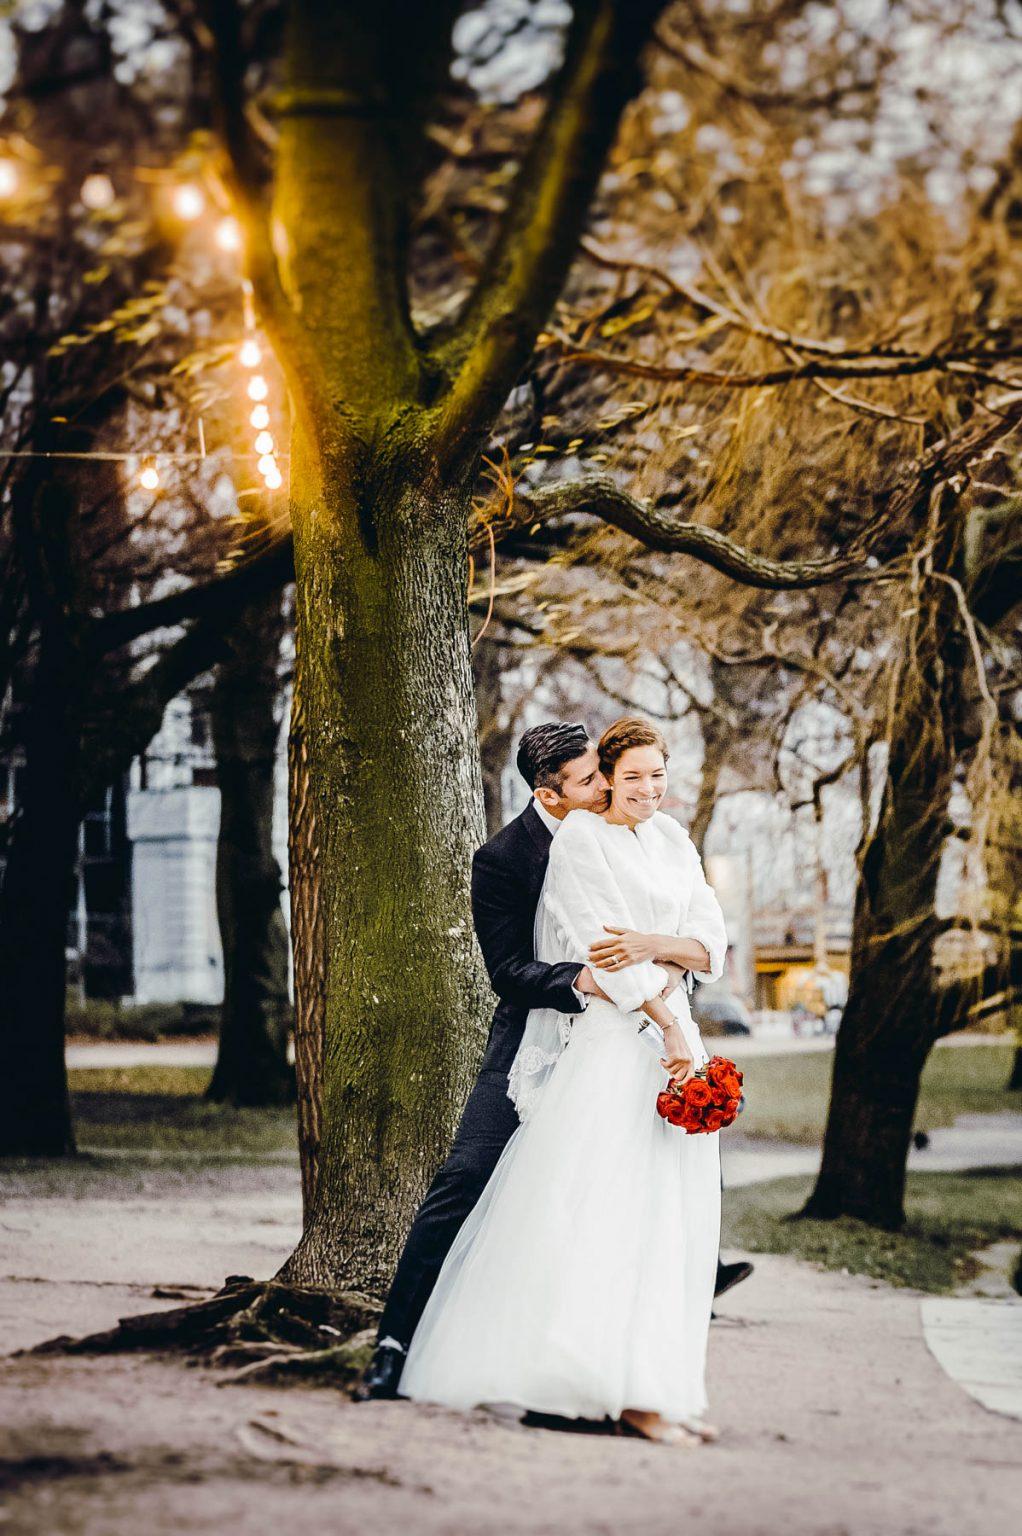 Hochzeitsportrait an der Alster im Winter